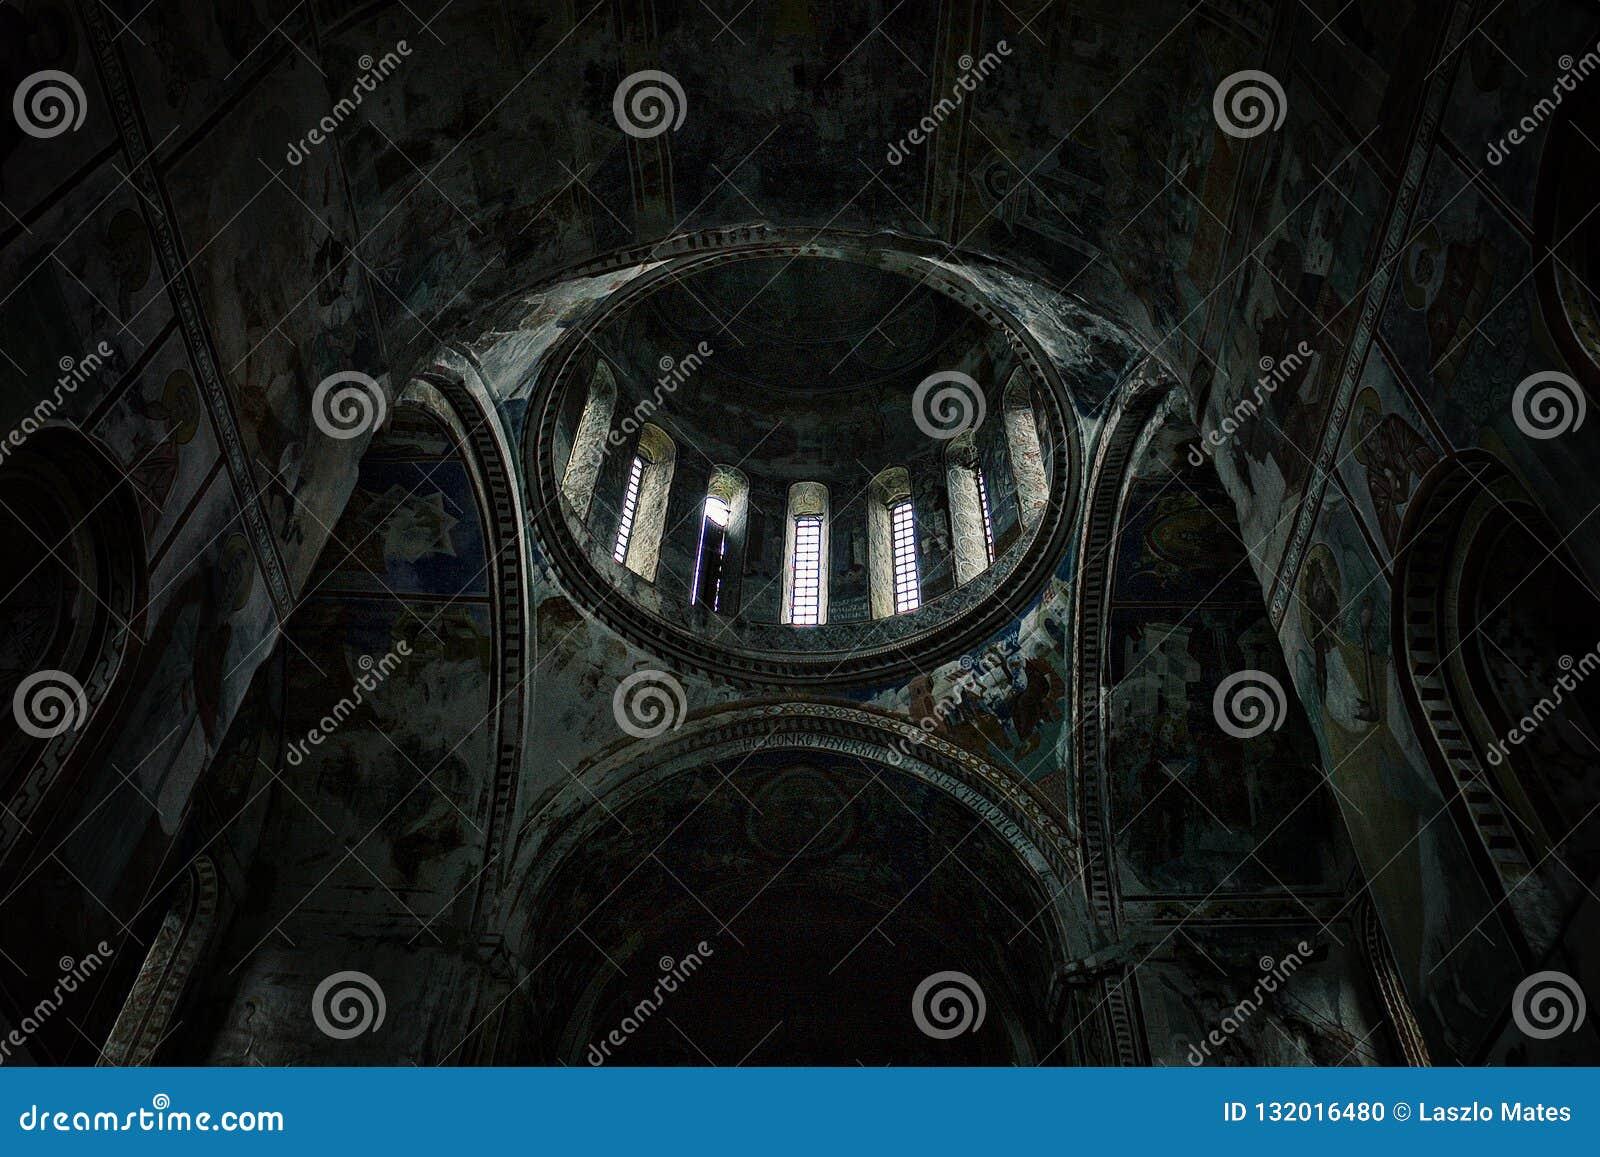 Innen- und komplexe Innenmalereien von einer der ältesten Kirche in der ganzen Welt